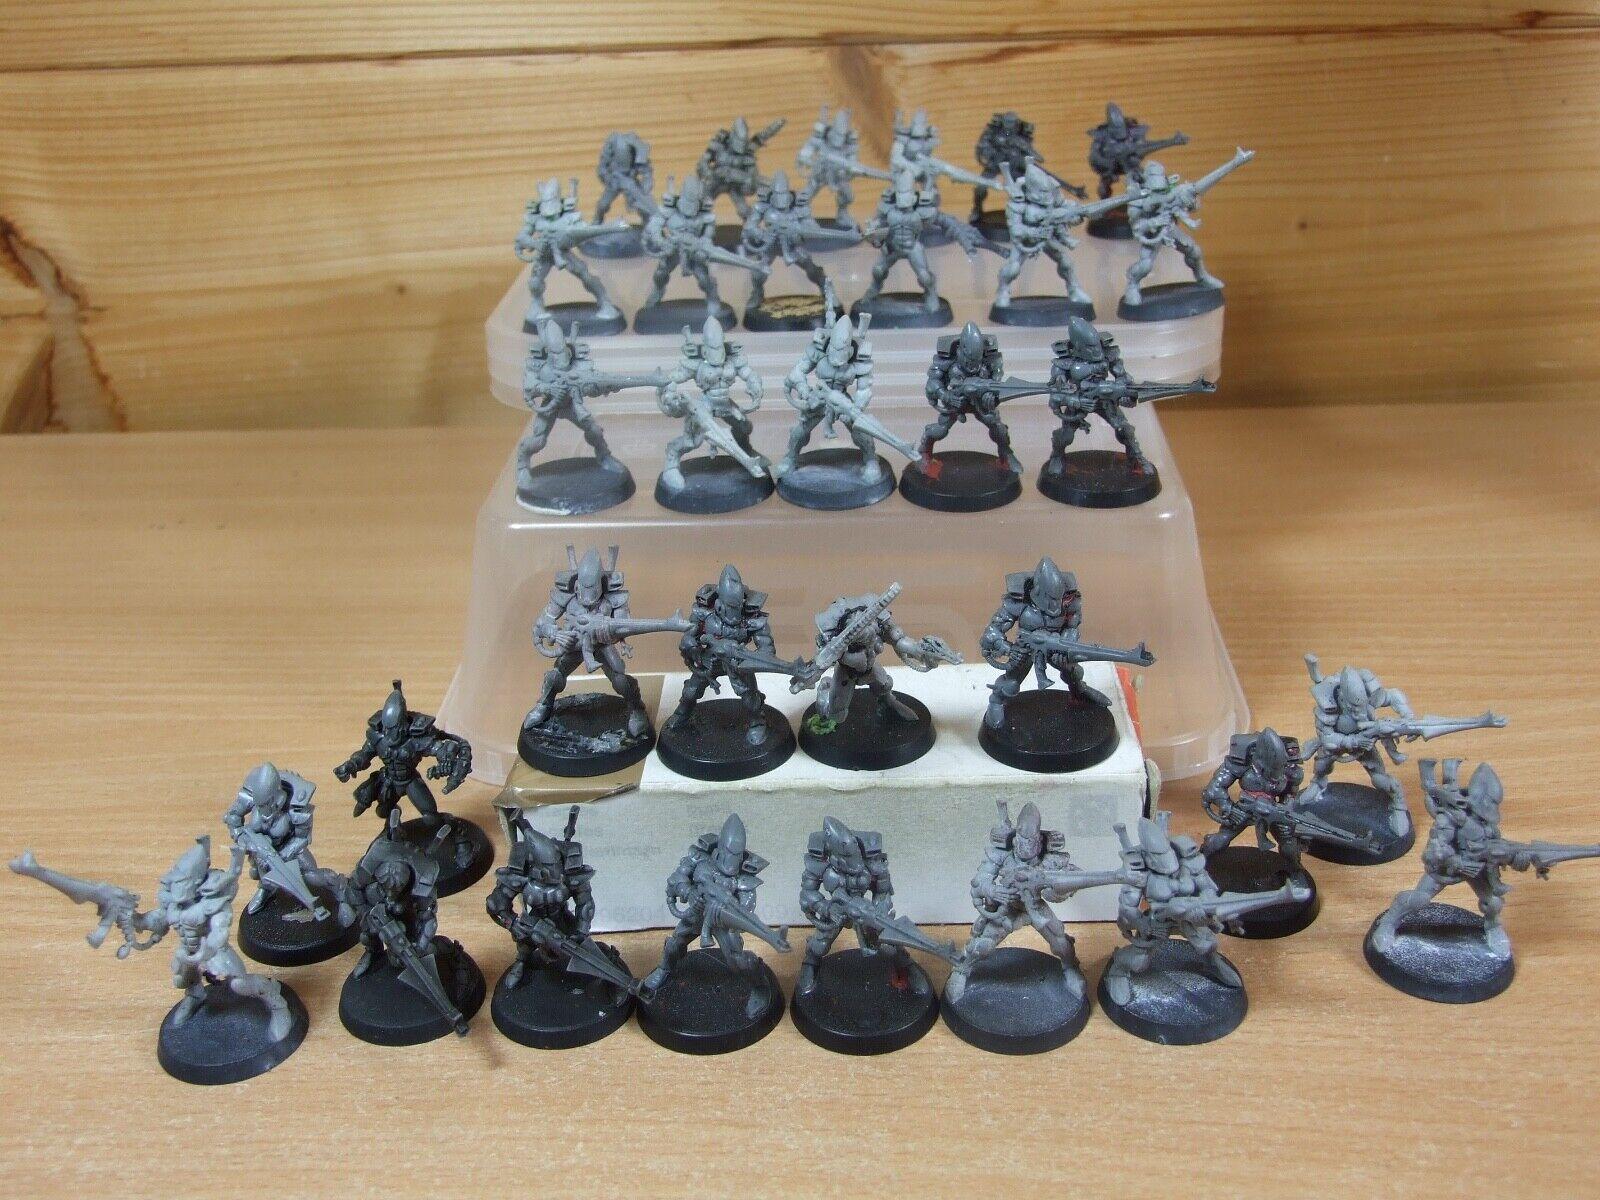 33 WARHAMMER Eldar Guardiani completa  SMONTATA (814)  ottima selezione e consegna rapida